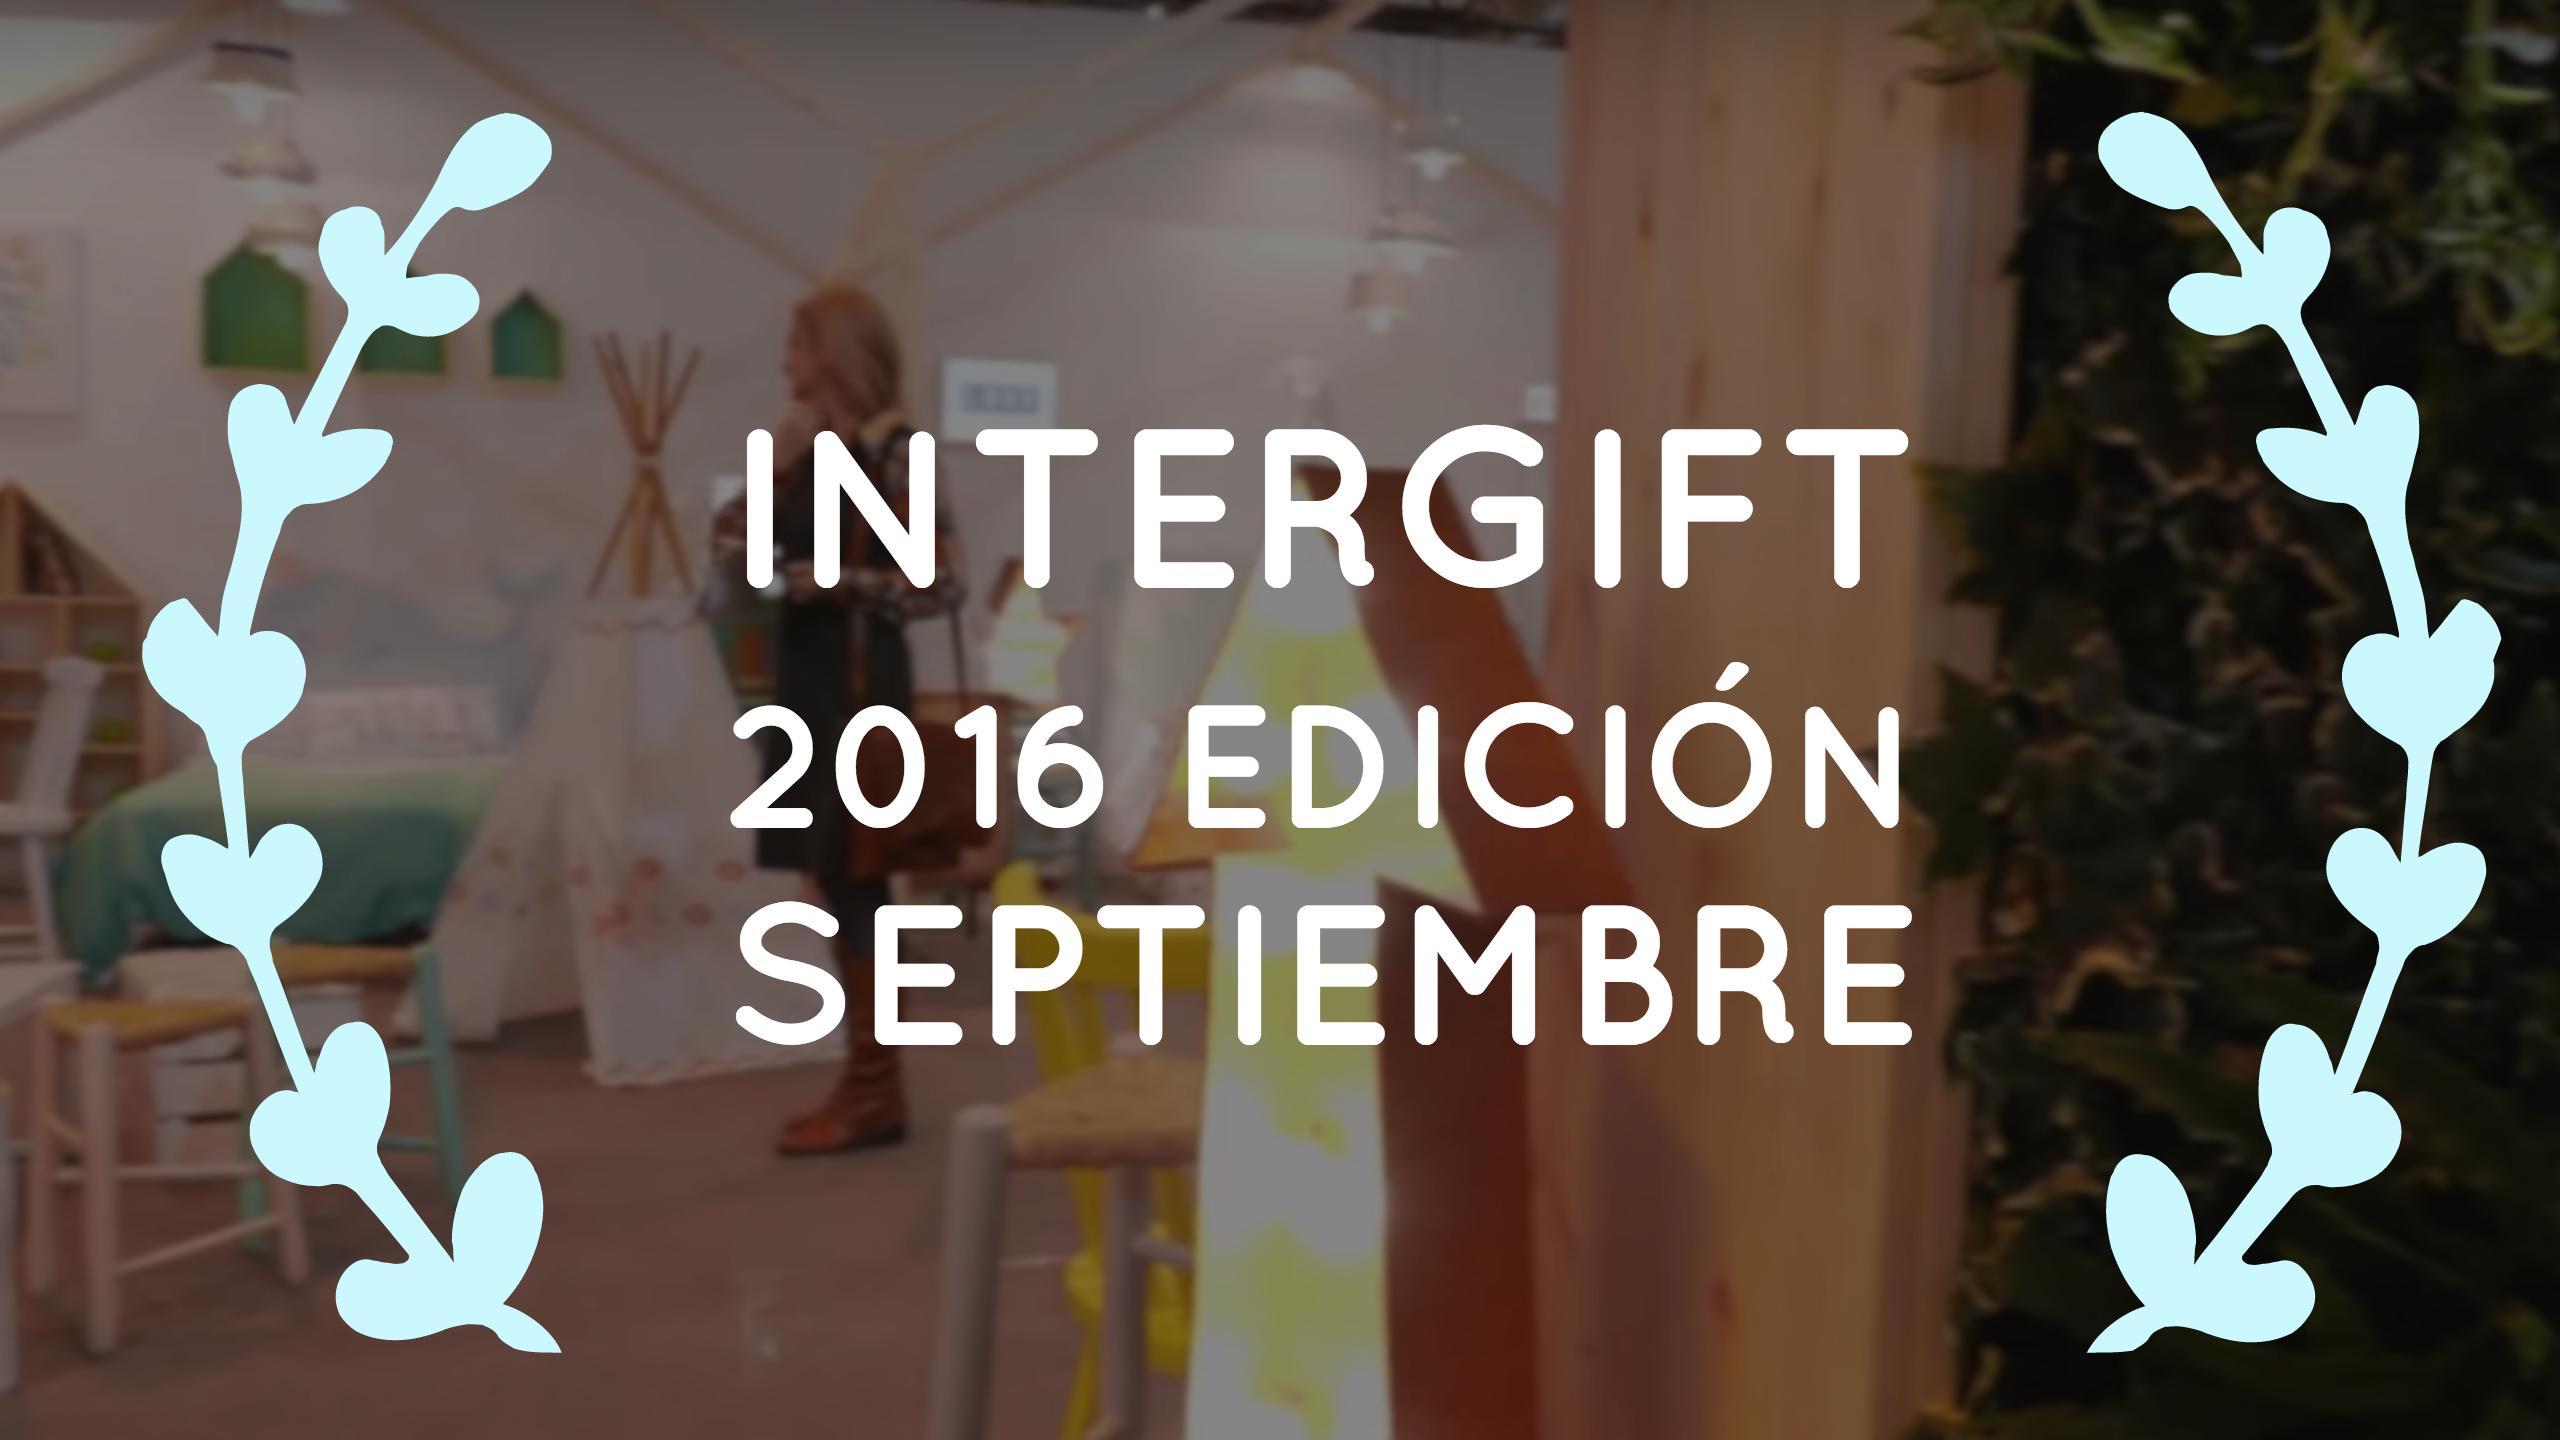 Intergift 2016